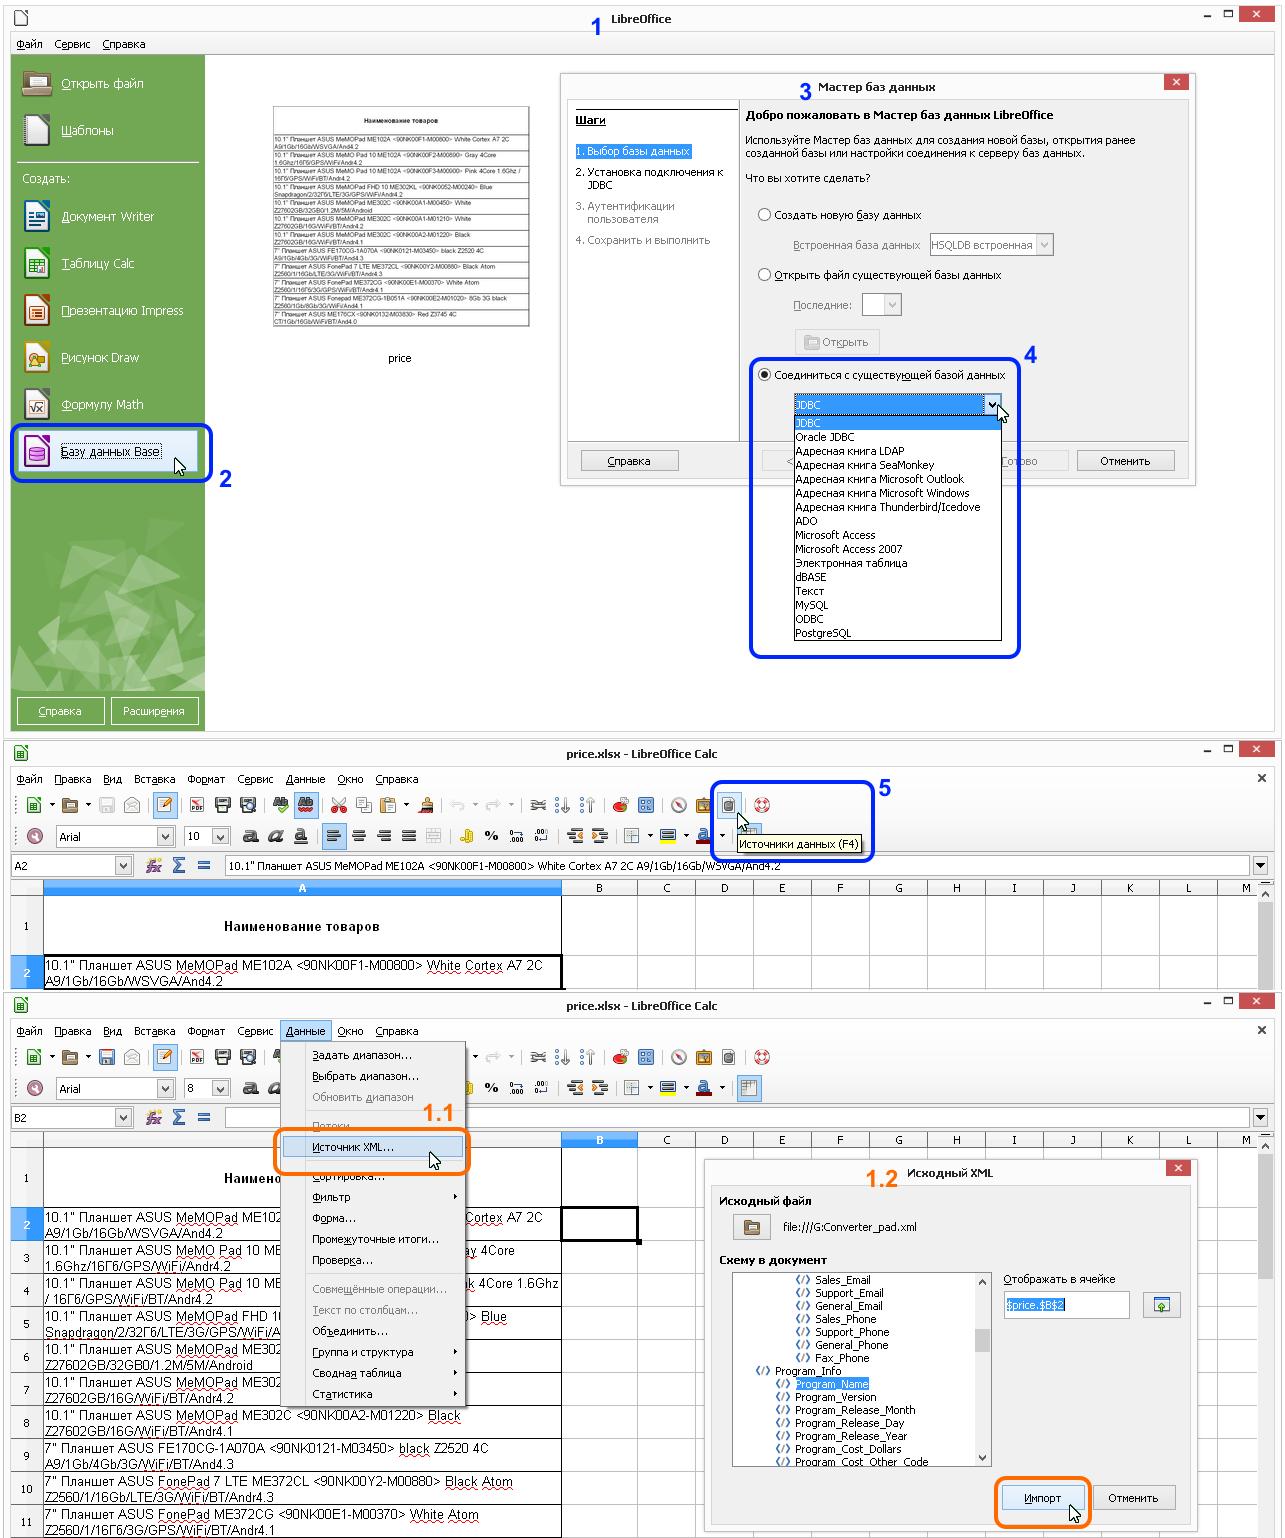 Calc: Base - Мастер баз данных - Соединиться с существующей базой данных - JDBC и другие источники + Либо XML